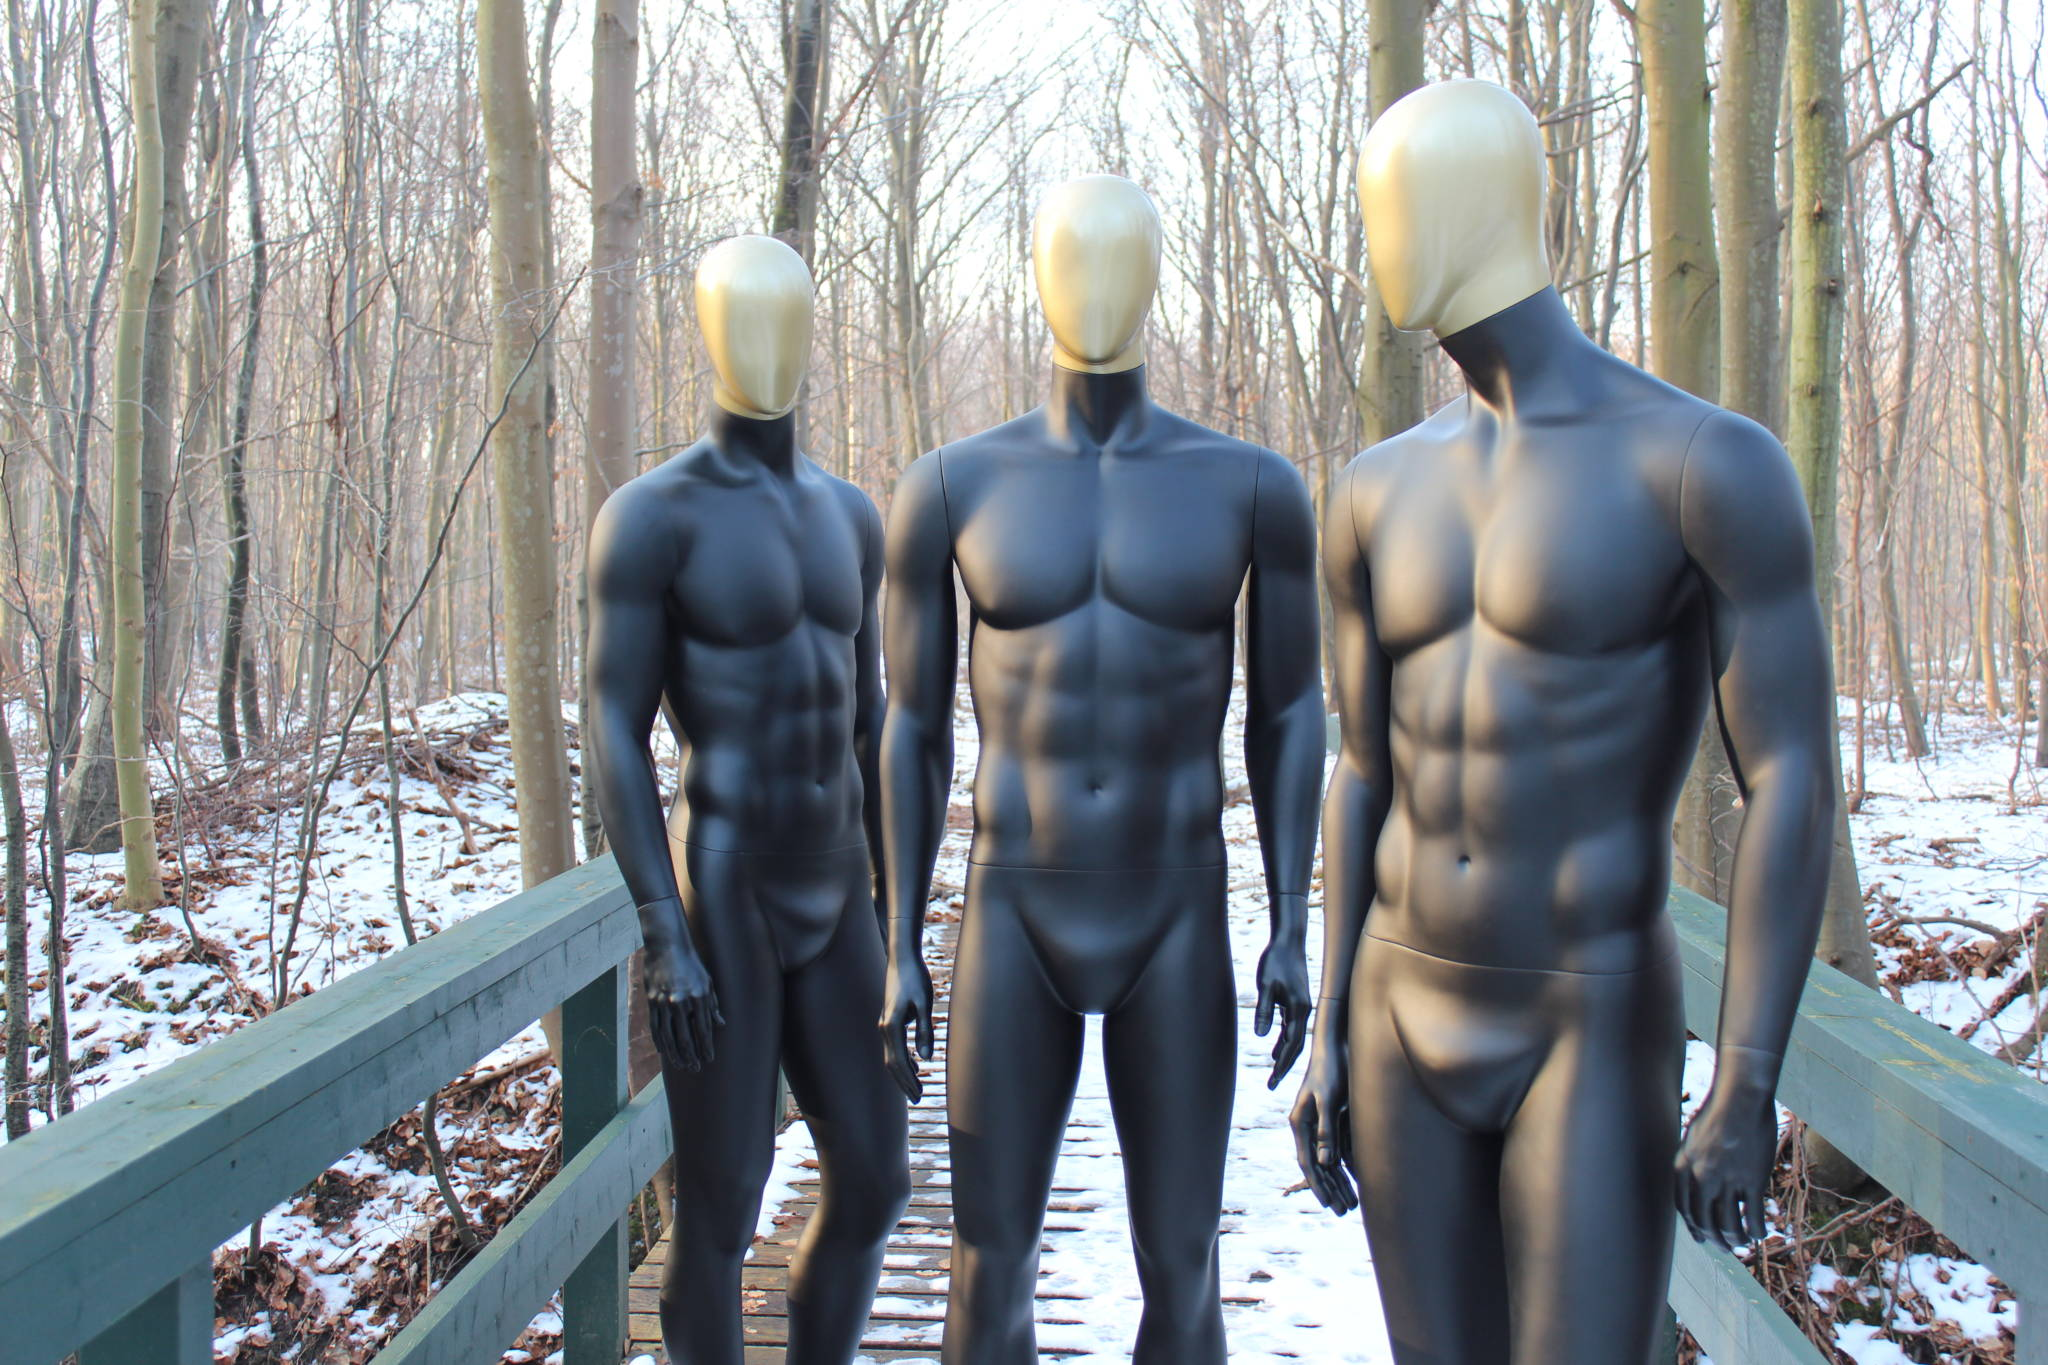 Guld mannequin serie, kan også leveres helt i guld